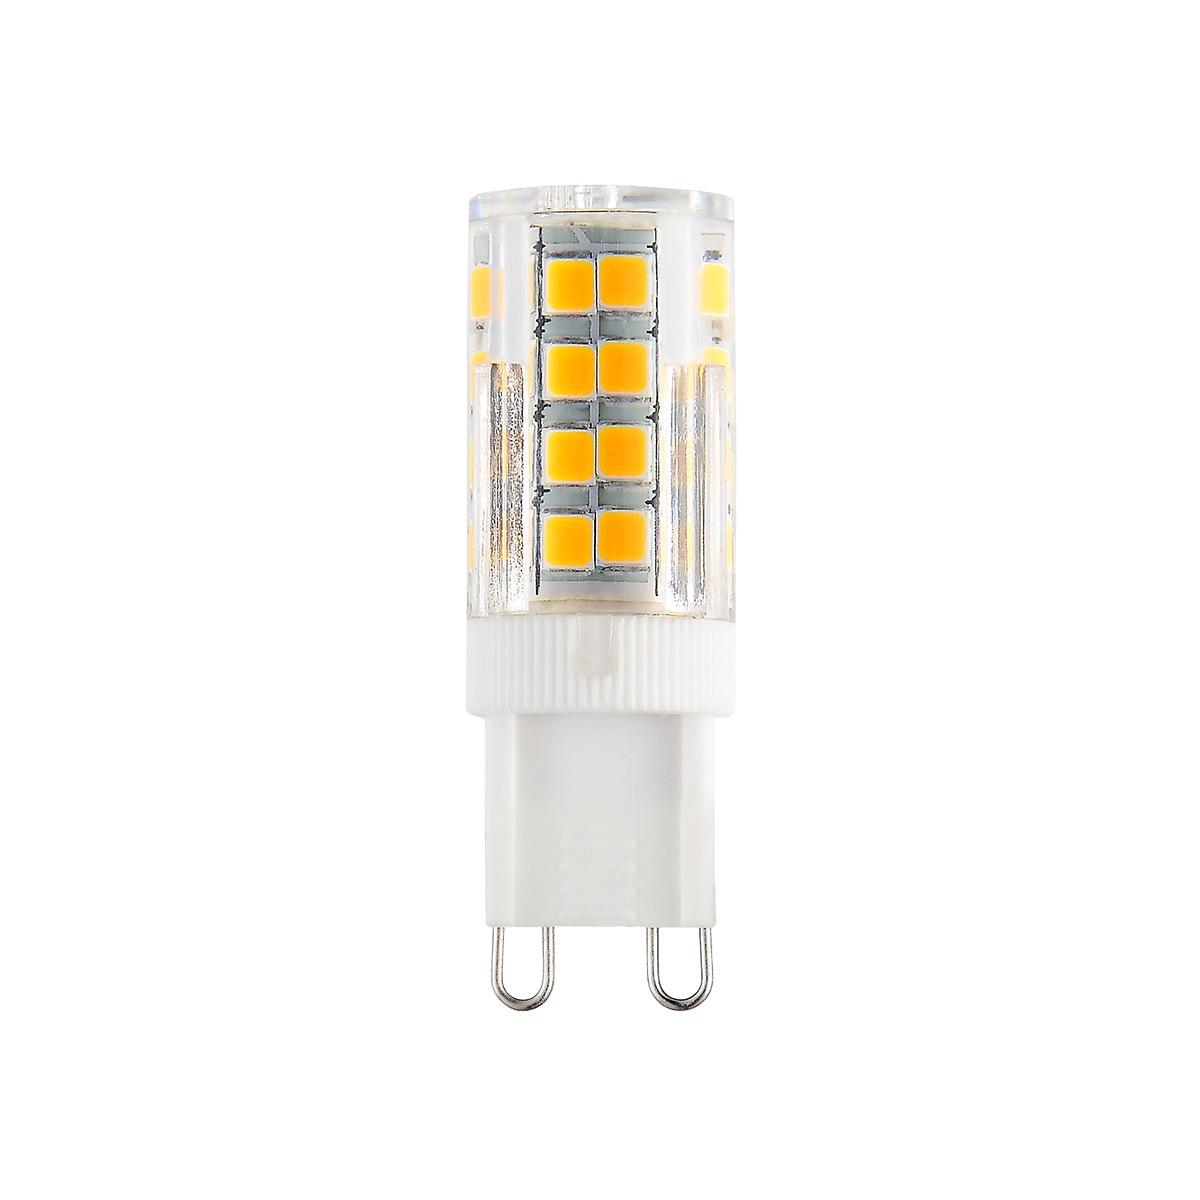 Лампочка Elektrostandard светодиодная G9 LED 7W 220V 3300K, Теплый свет 7 Вт, Светодиодная светодиодная лампа kosmos теплый свет цоколь e27 7w 220v lksm led7wr63e2730